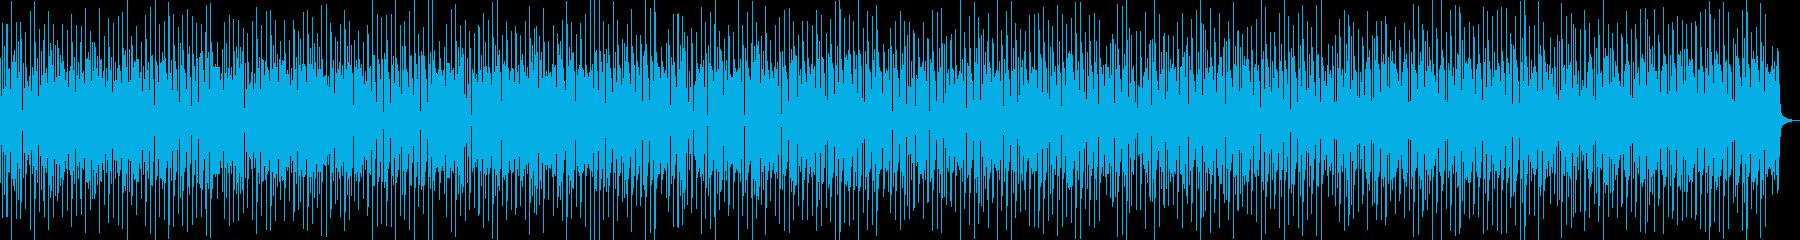 日常、ピアノ、まったり、トークの再生済みの波形